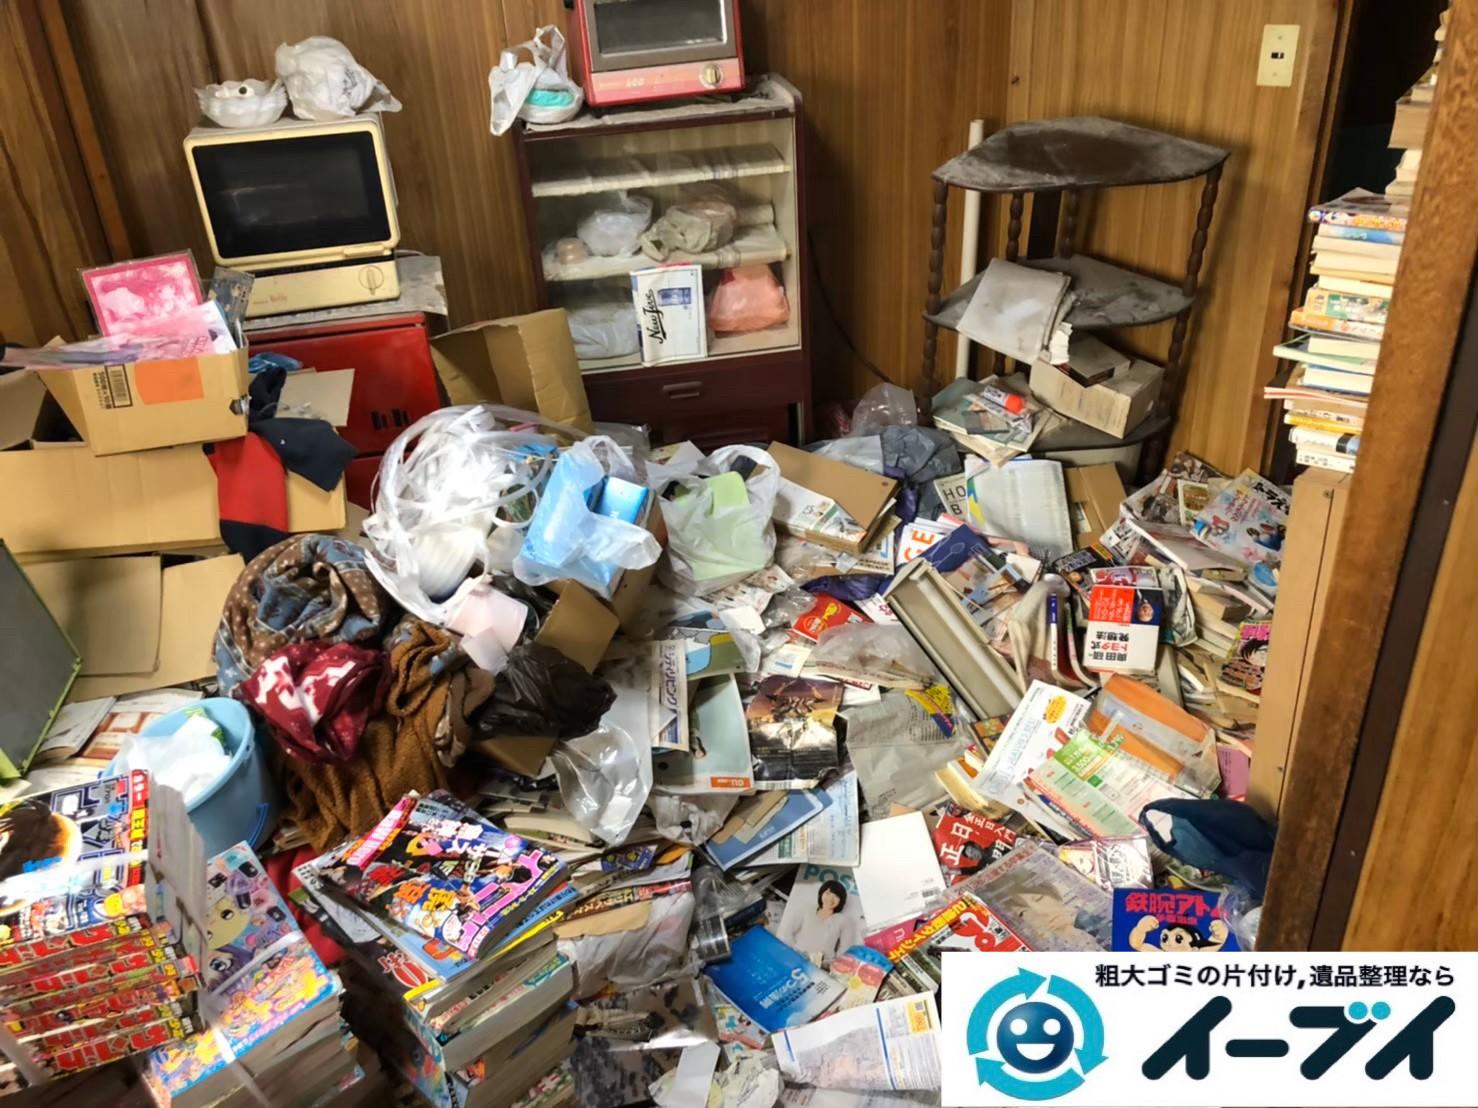 2020年1月3日大阪府堺市北区で物やゴミが散乱したゴミ屋敷の片付け作業。写真4